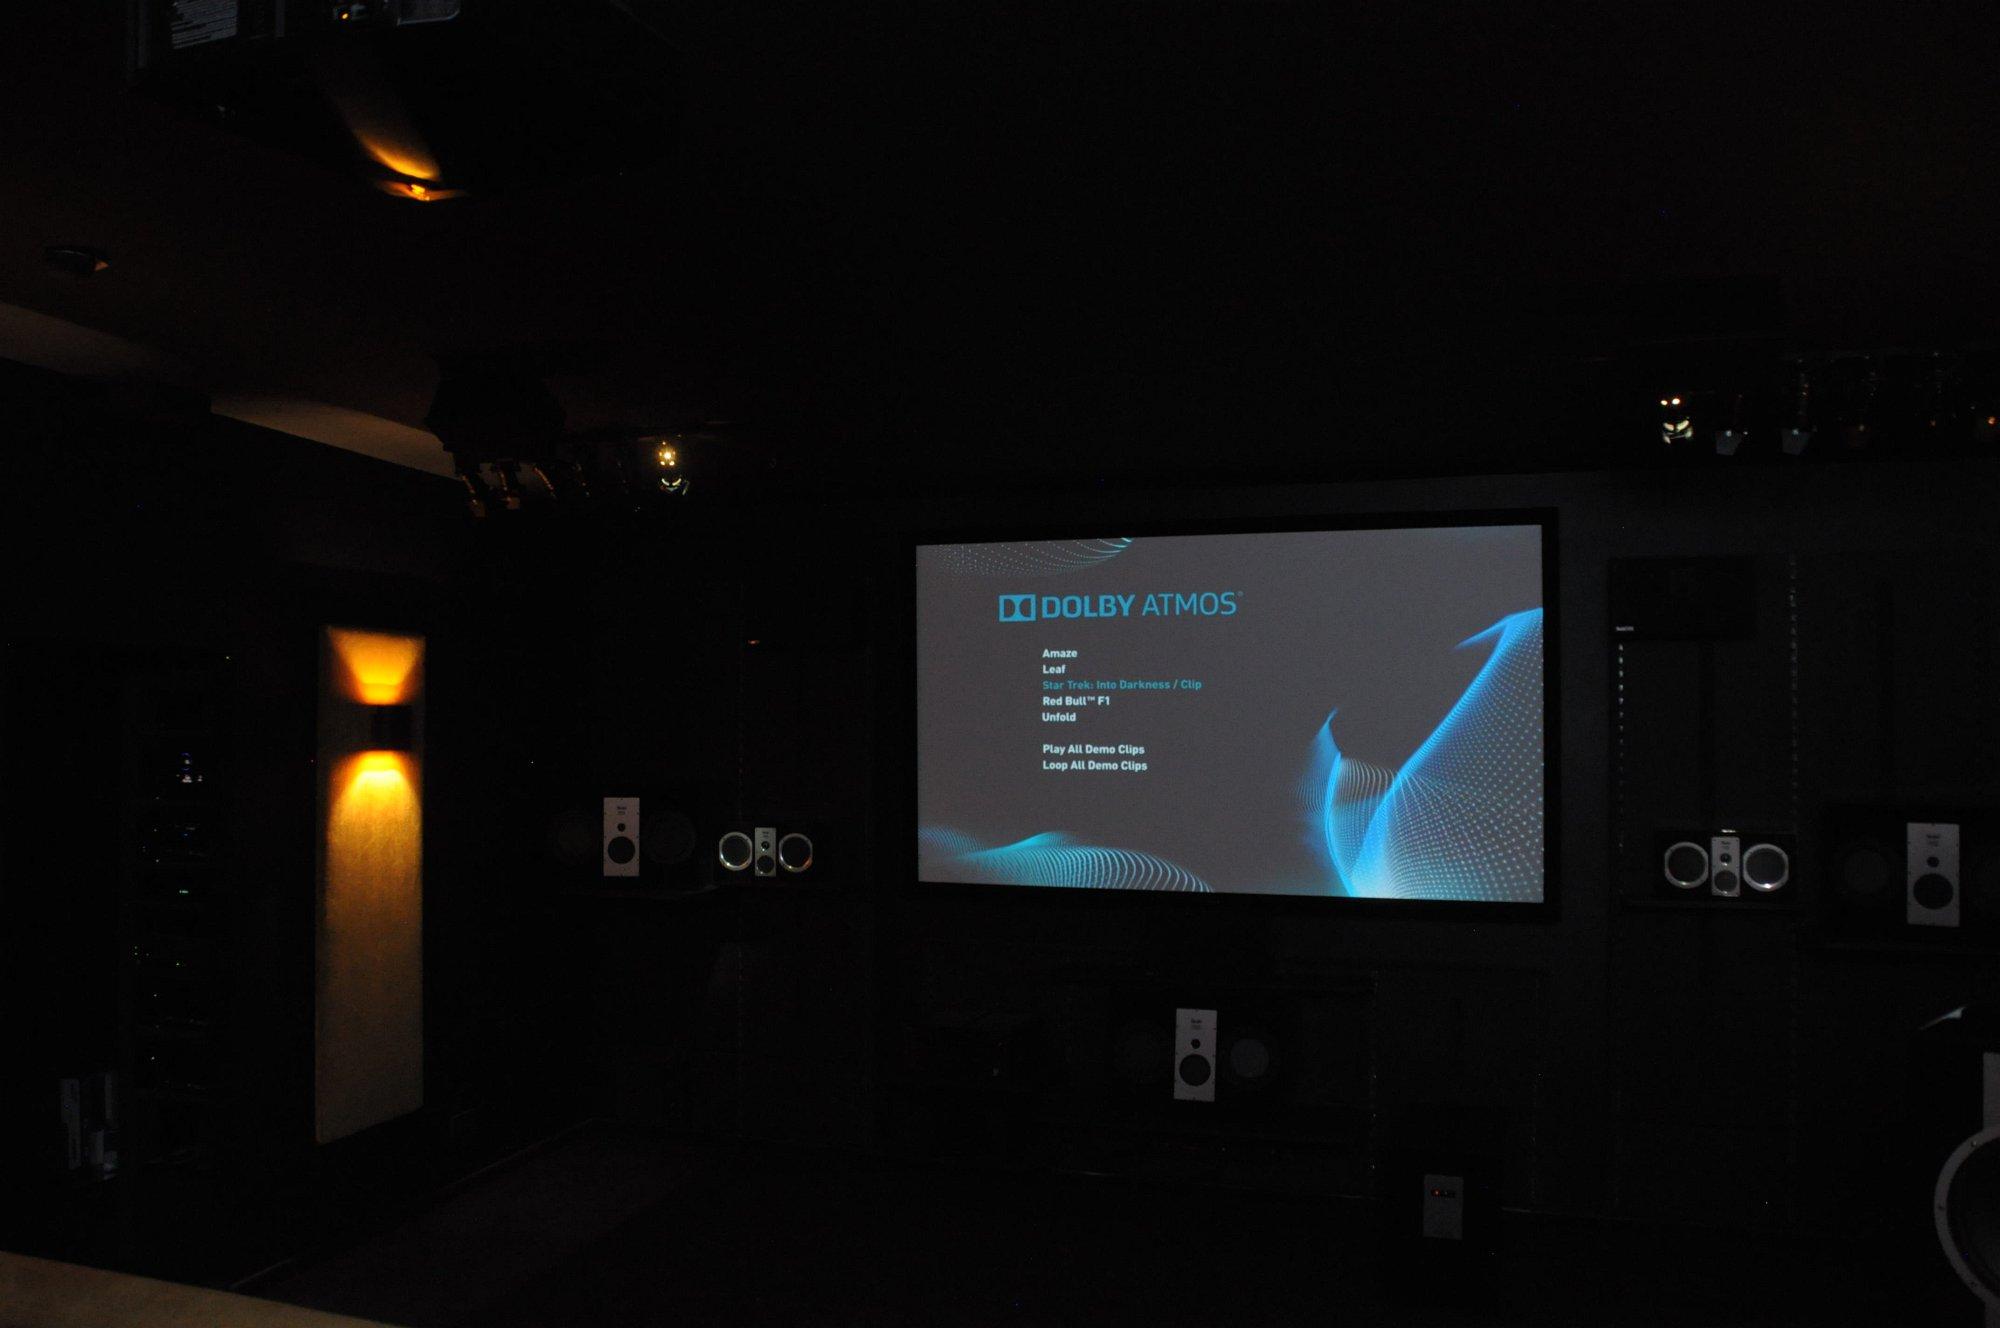 Dolby Atmos Probe gehört: Klang aus der Decke kommt fürs Heimkino - In diesem dunklen Raum... (Foto: Andreas Sebayang/Golem.de)